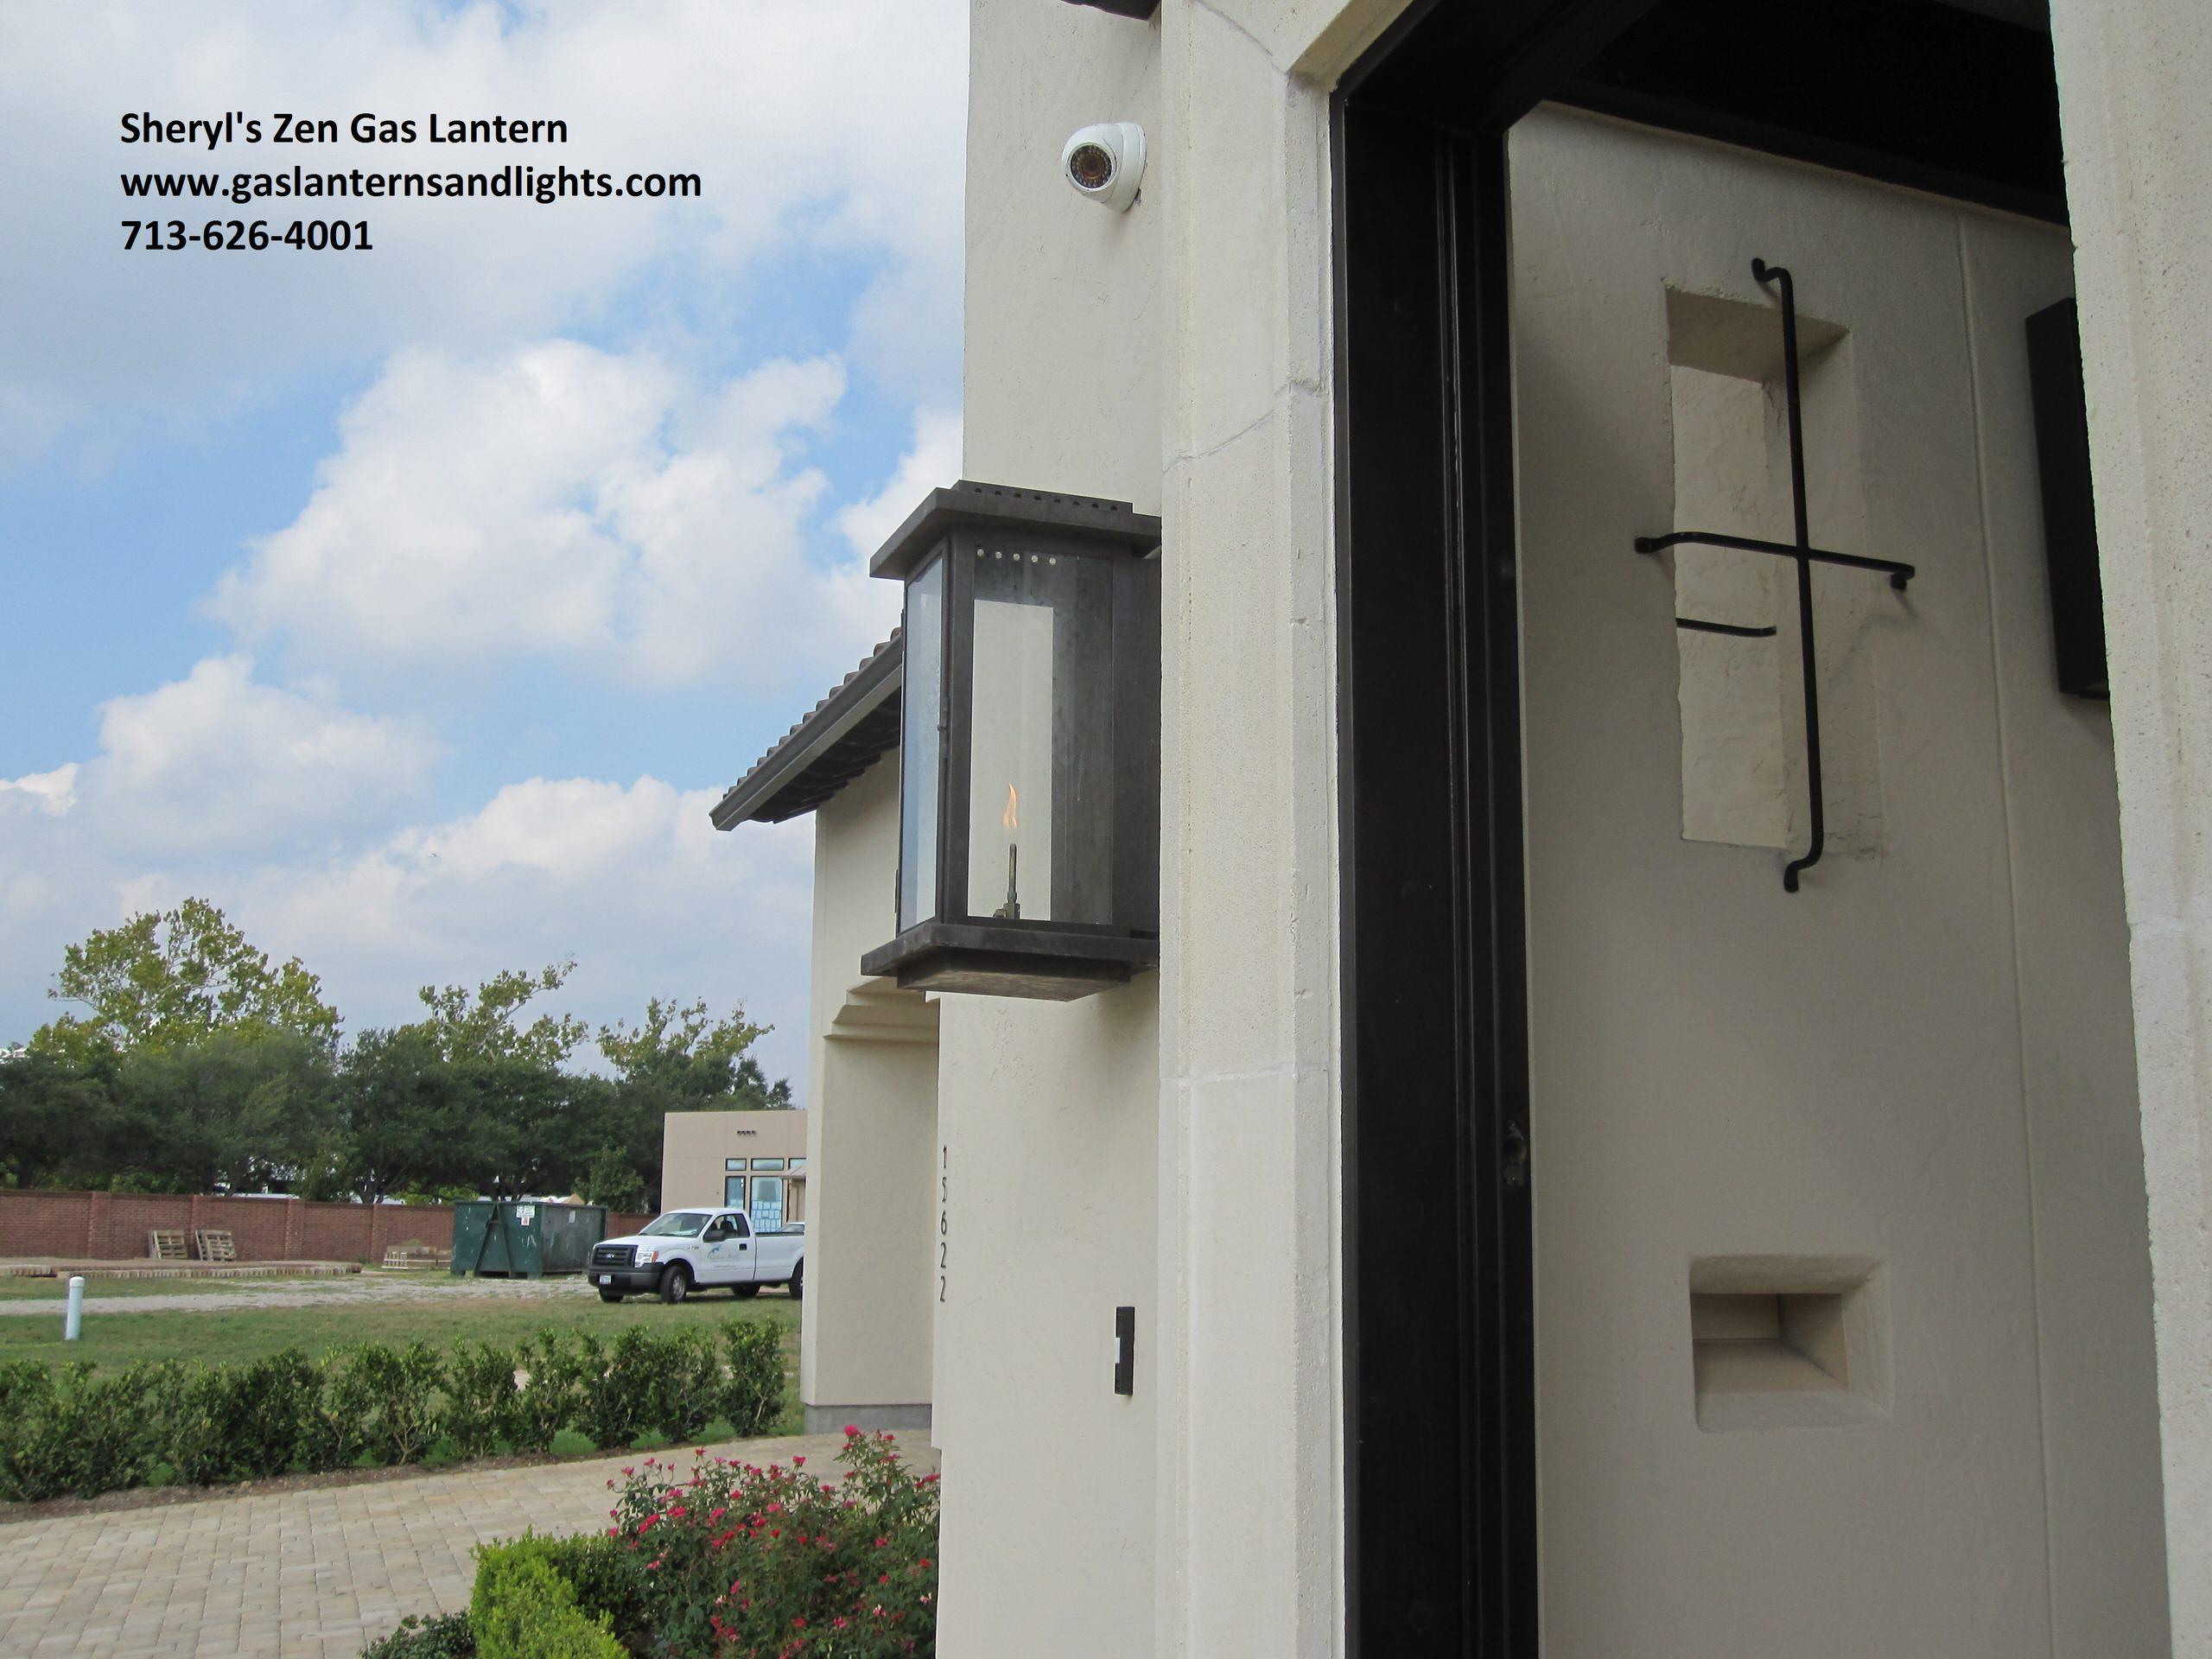 Sheryl's Zen Transitional  Gas Lanterns